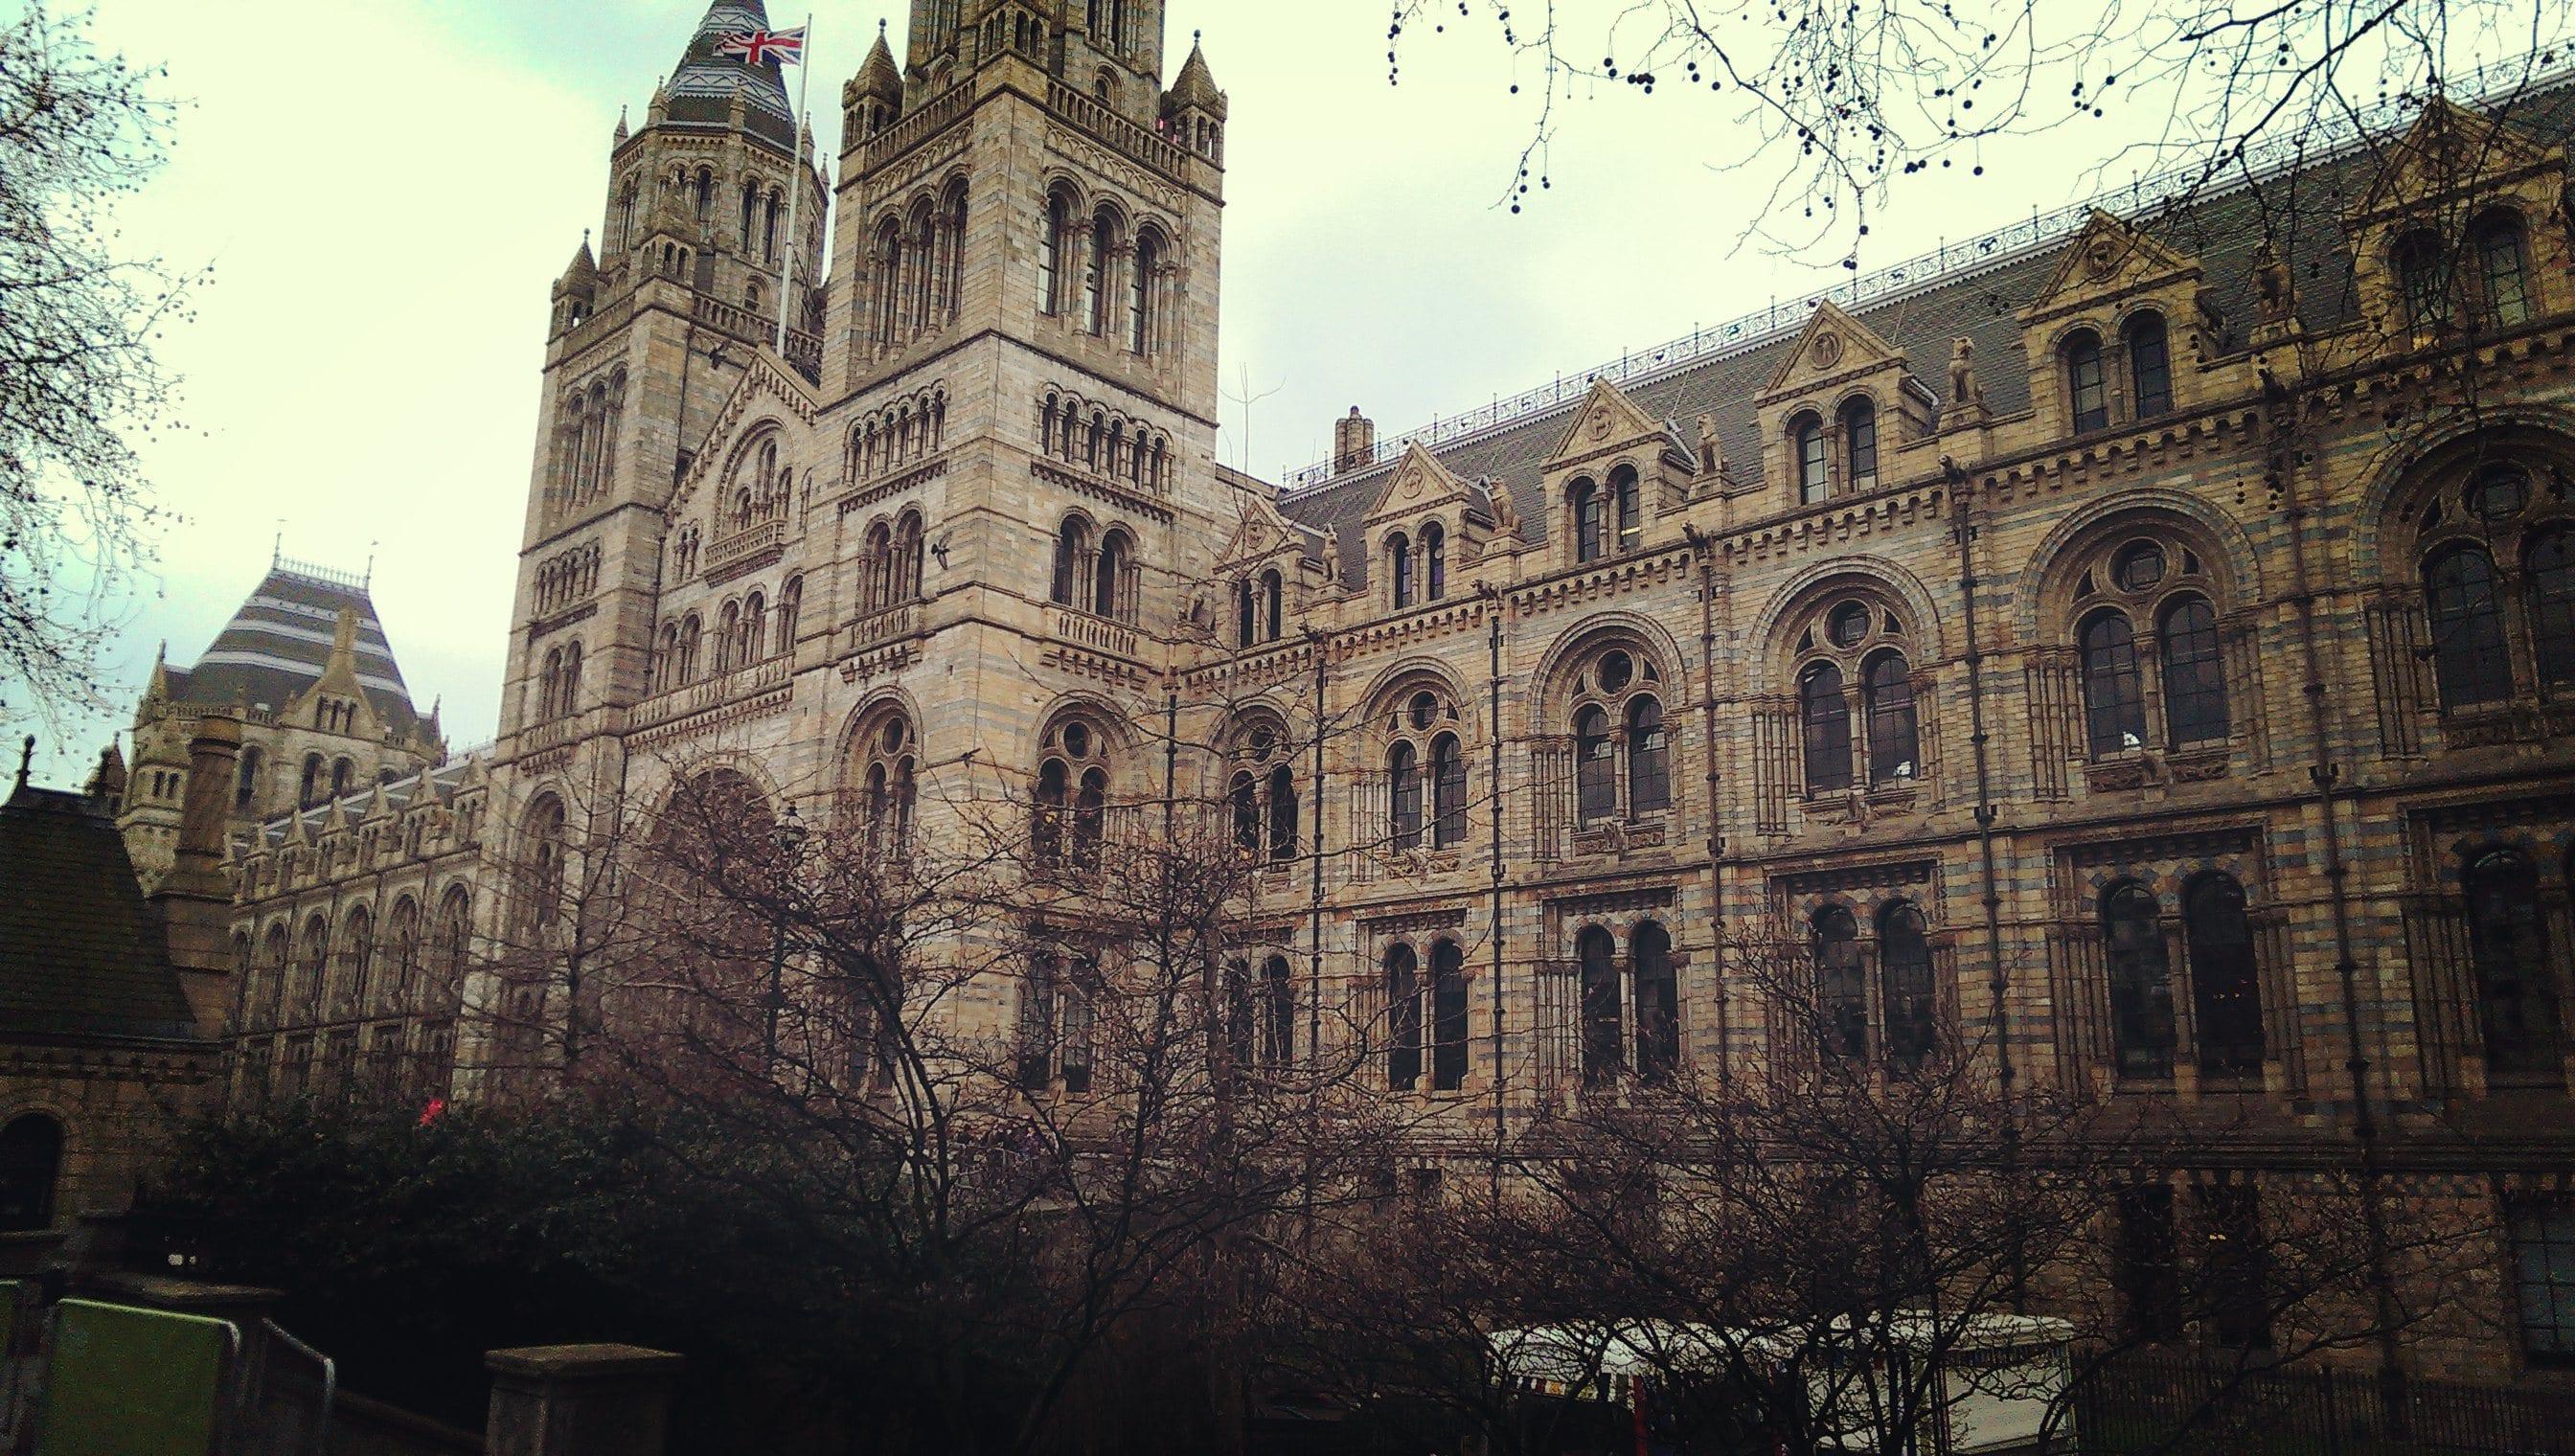 Das beeindruckende Gebäude von außen